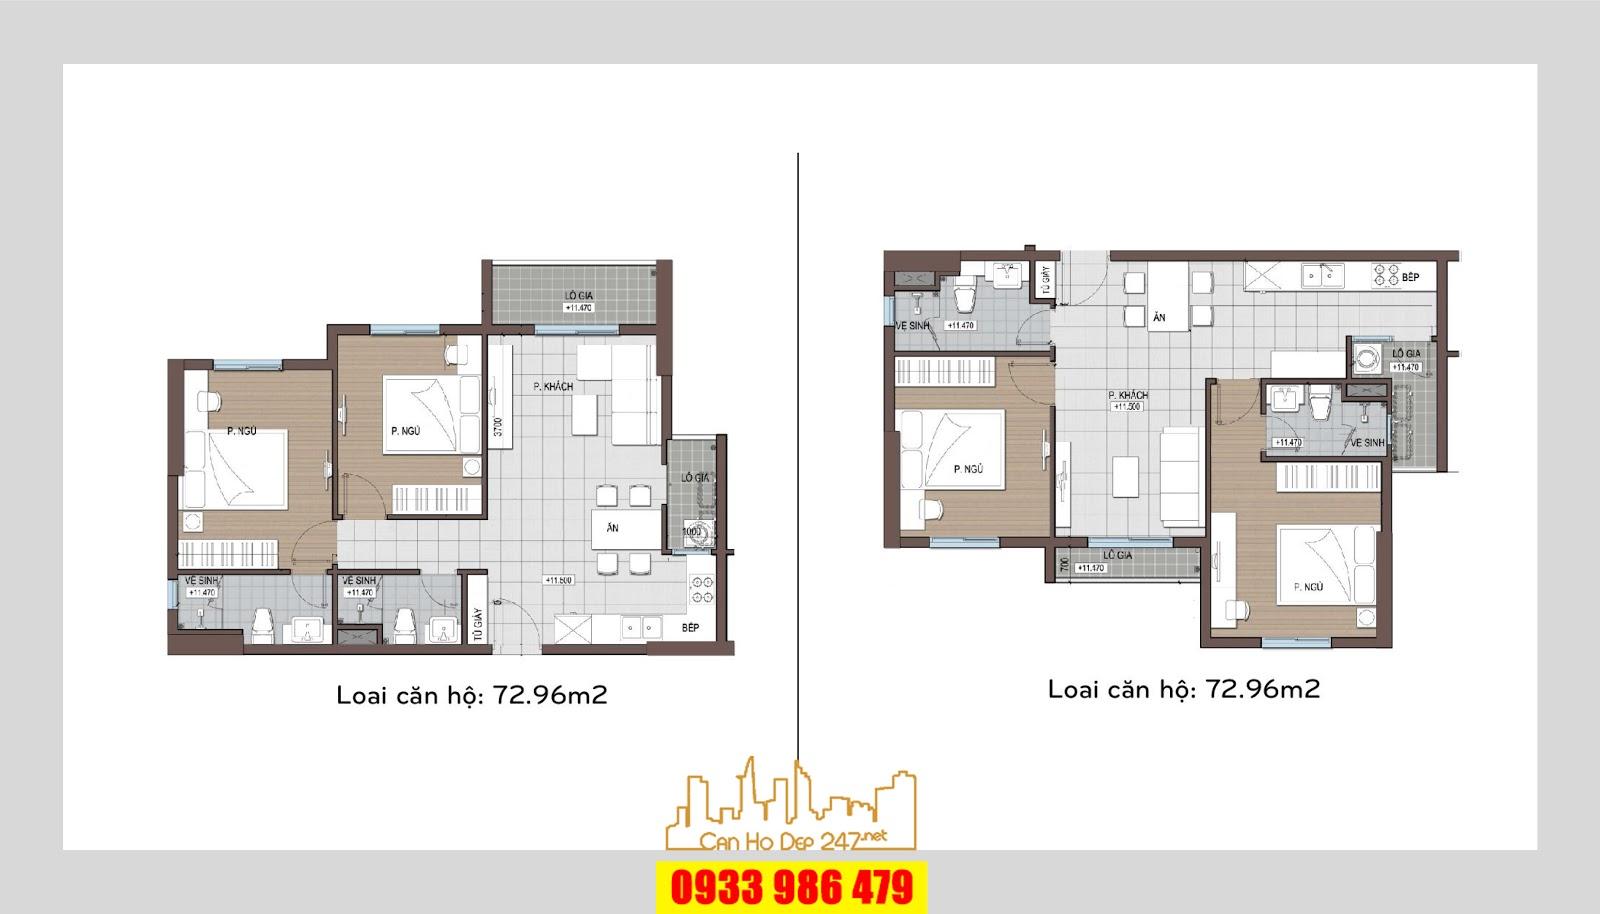 Loại căn hộ có diện tích từ 72m2 có thiết kế rất thoáng và sang trọng